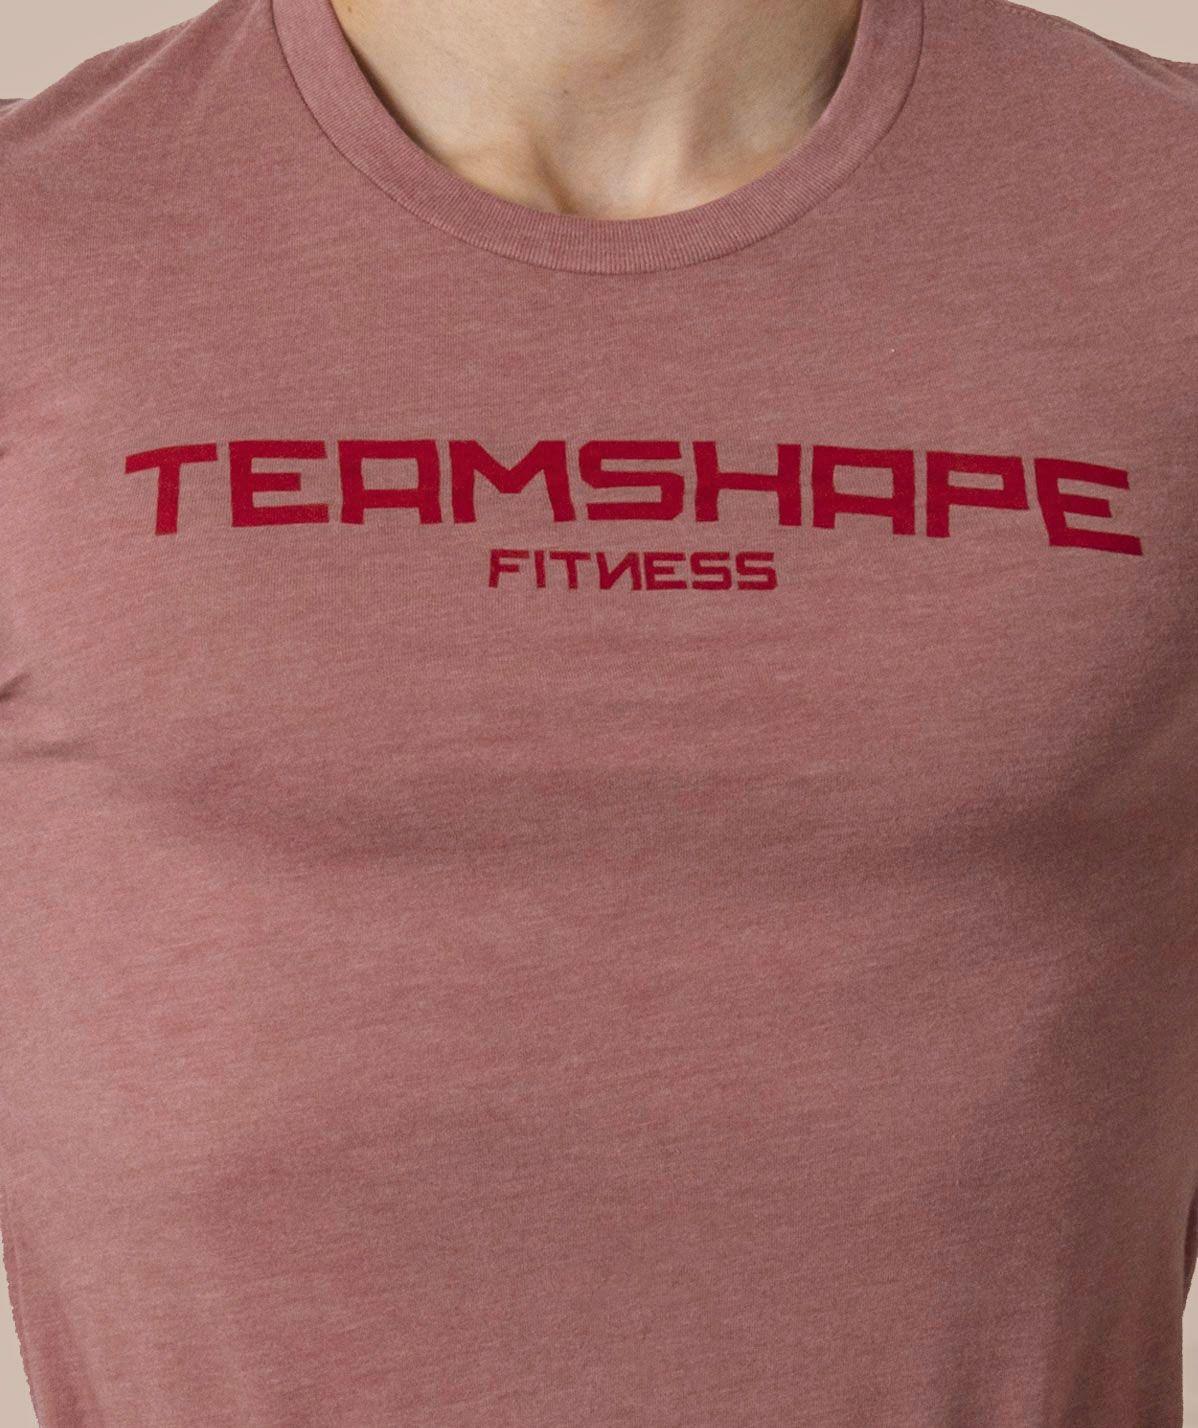 T-Shirt Homme bordeaux Fitness